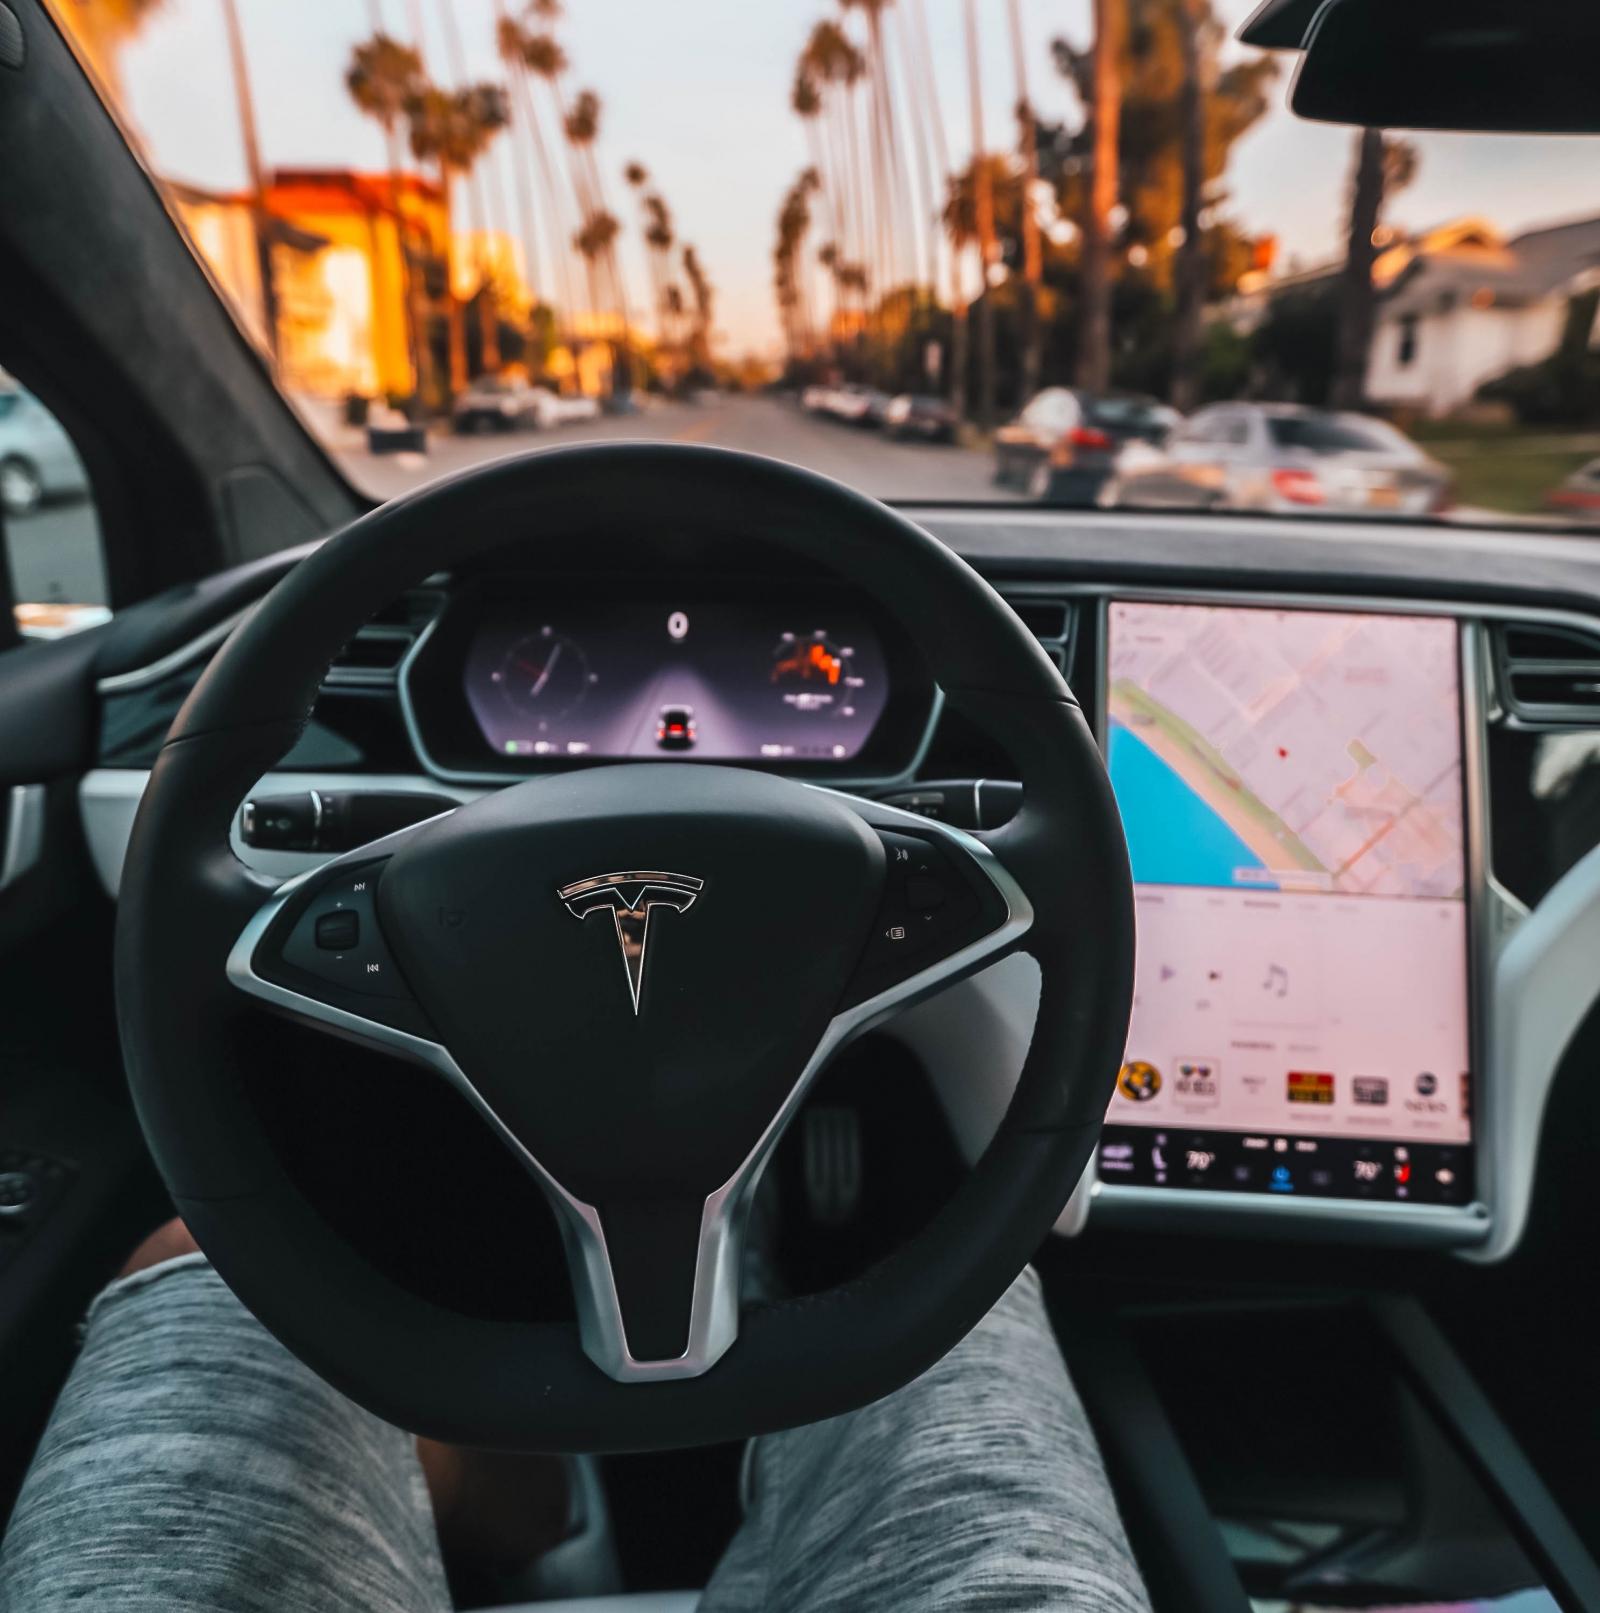 【電動車專知】有哪些品牌在開發自動駕駛?他們各有什麼特殊技術?